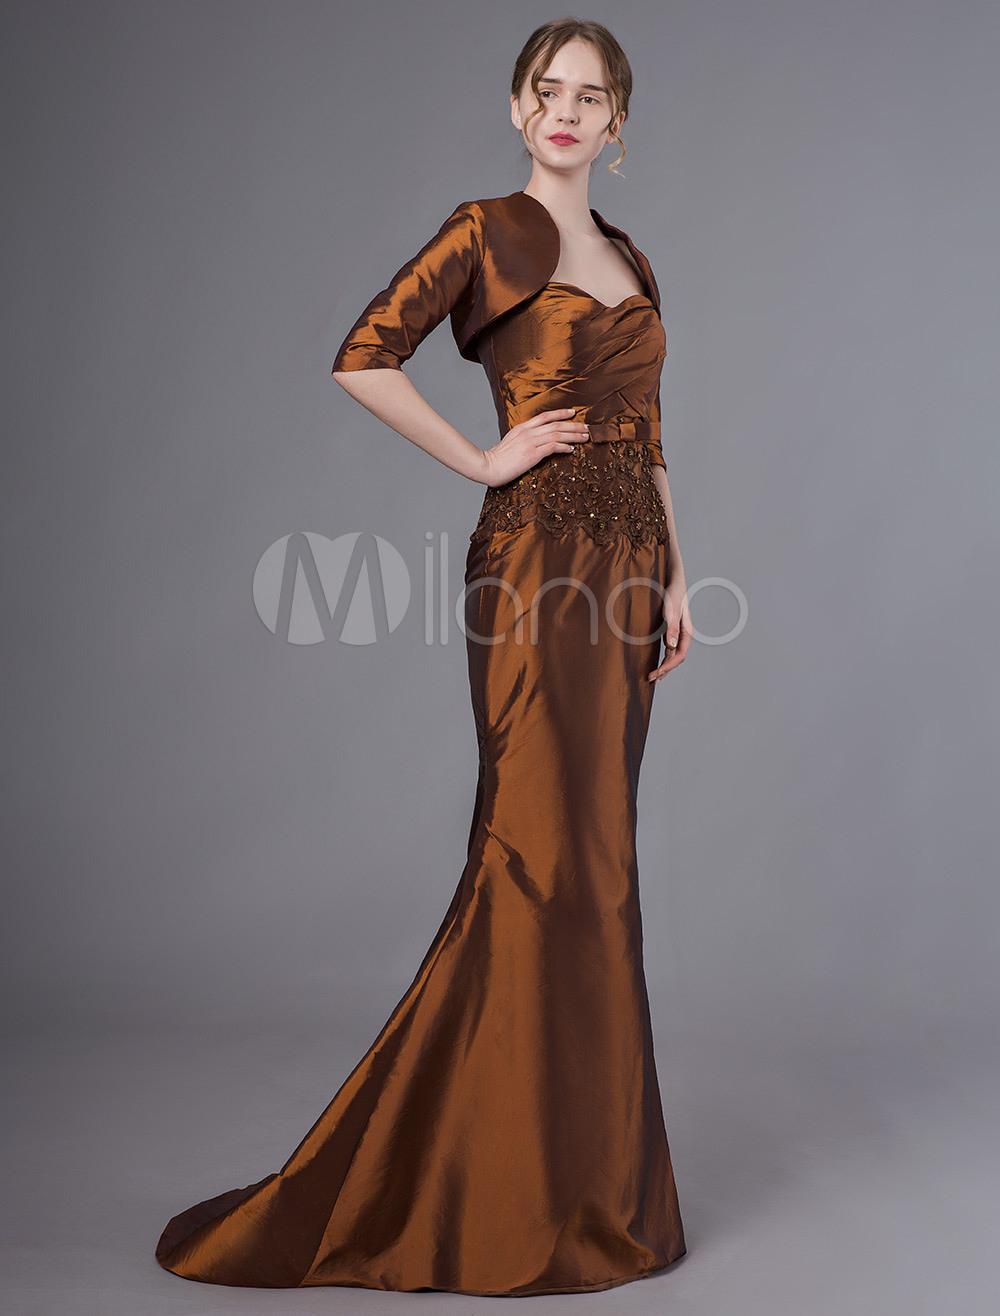 13 Luxus Zweiteilige Abendkleider Spezialgebiet Großartig Zweiteilige Abendkleider Ärmel